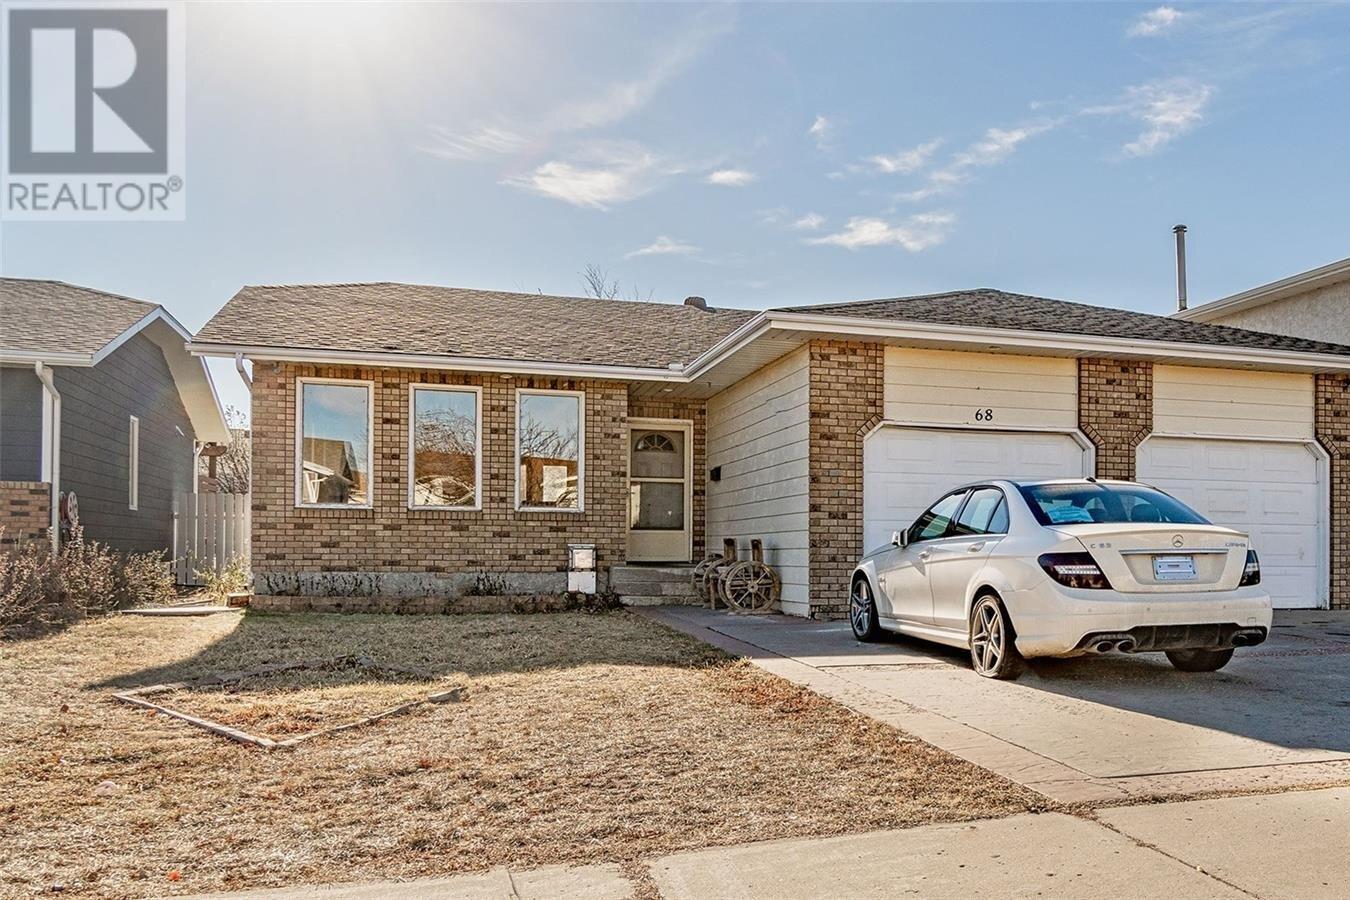 House for sale at 68 Taylor Cres Moose Jaw Saskatchewan - MLS: SK831767